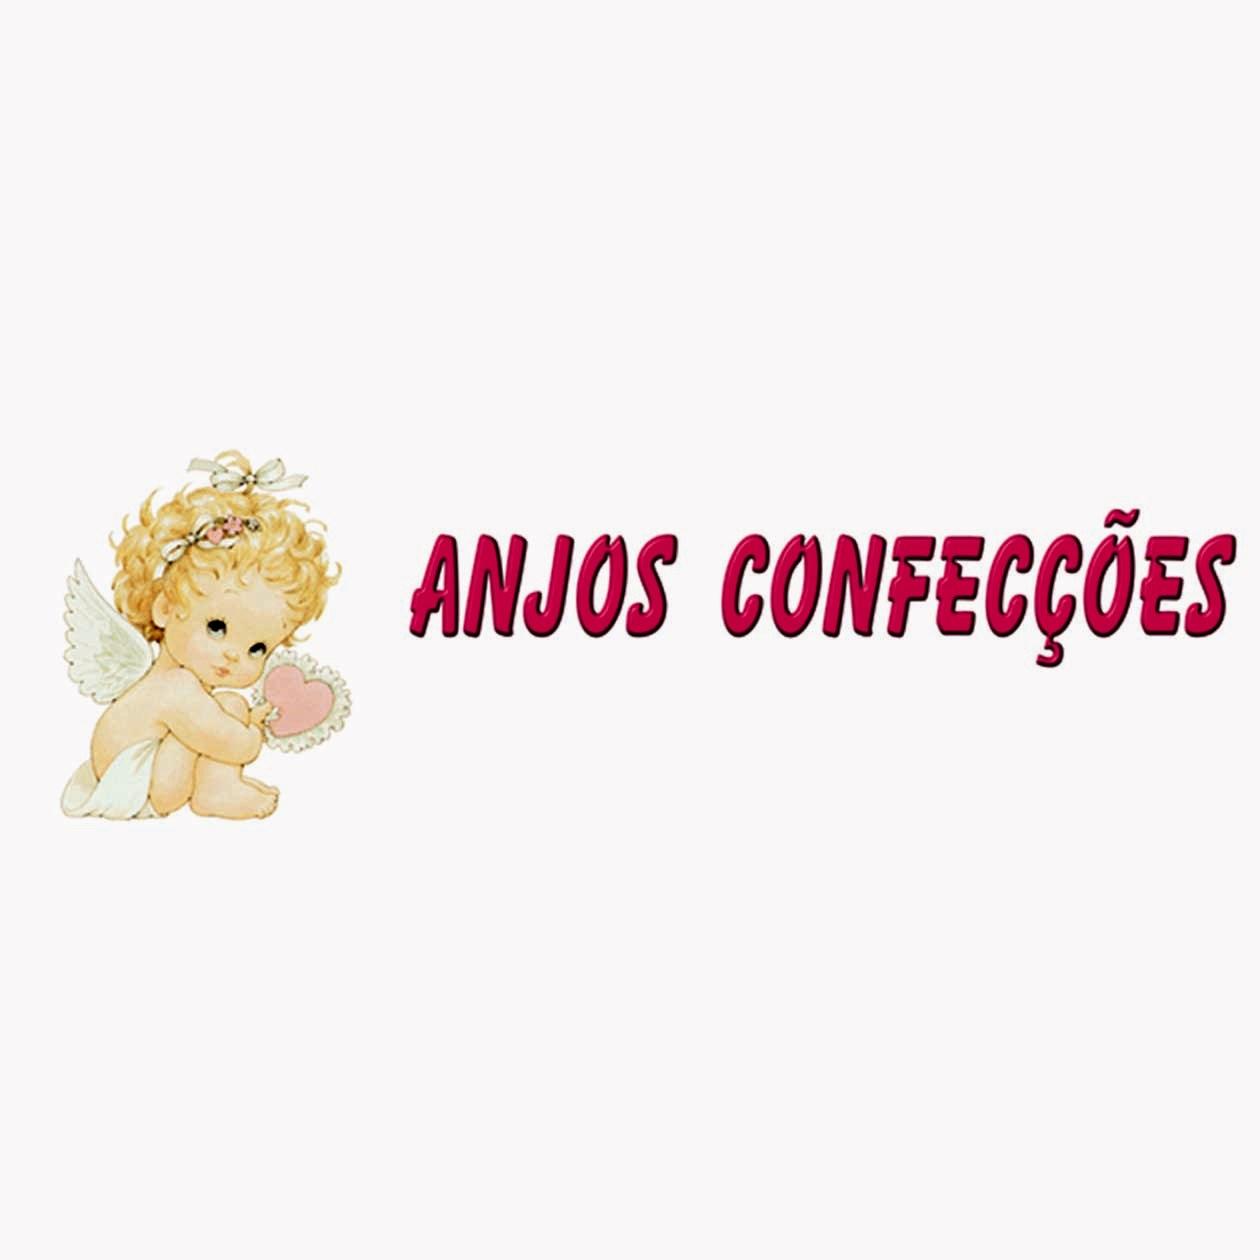 ANJOS CONFECÇÕES